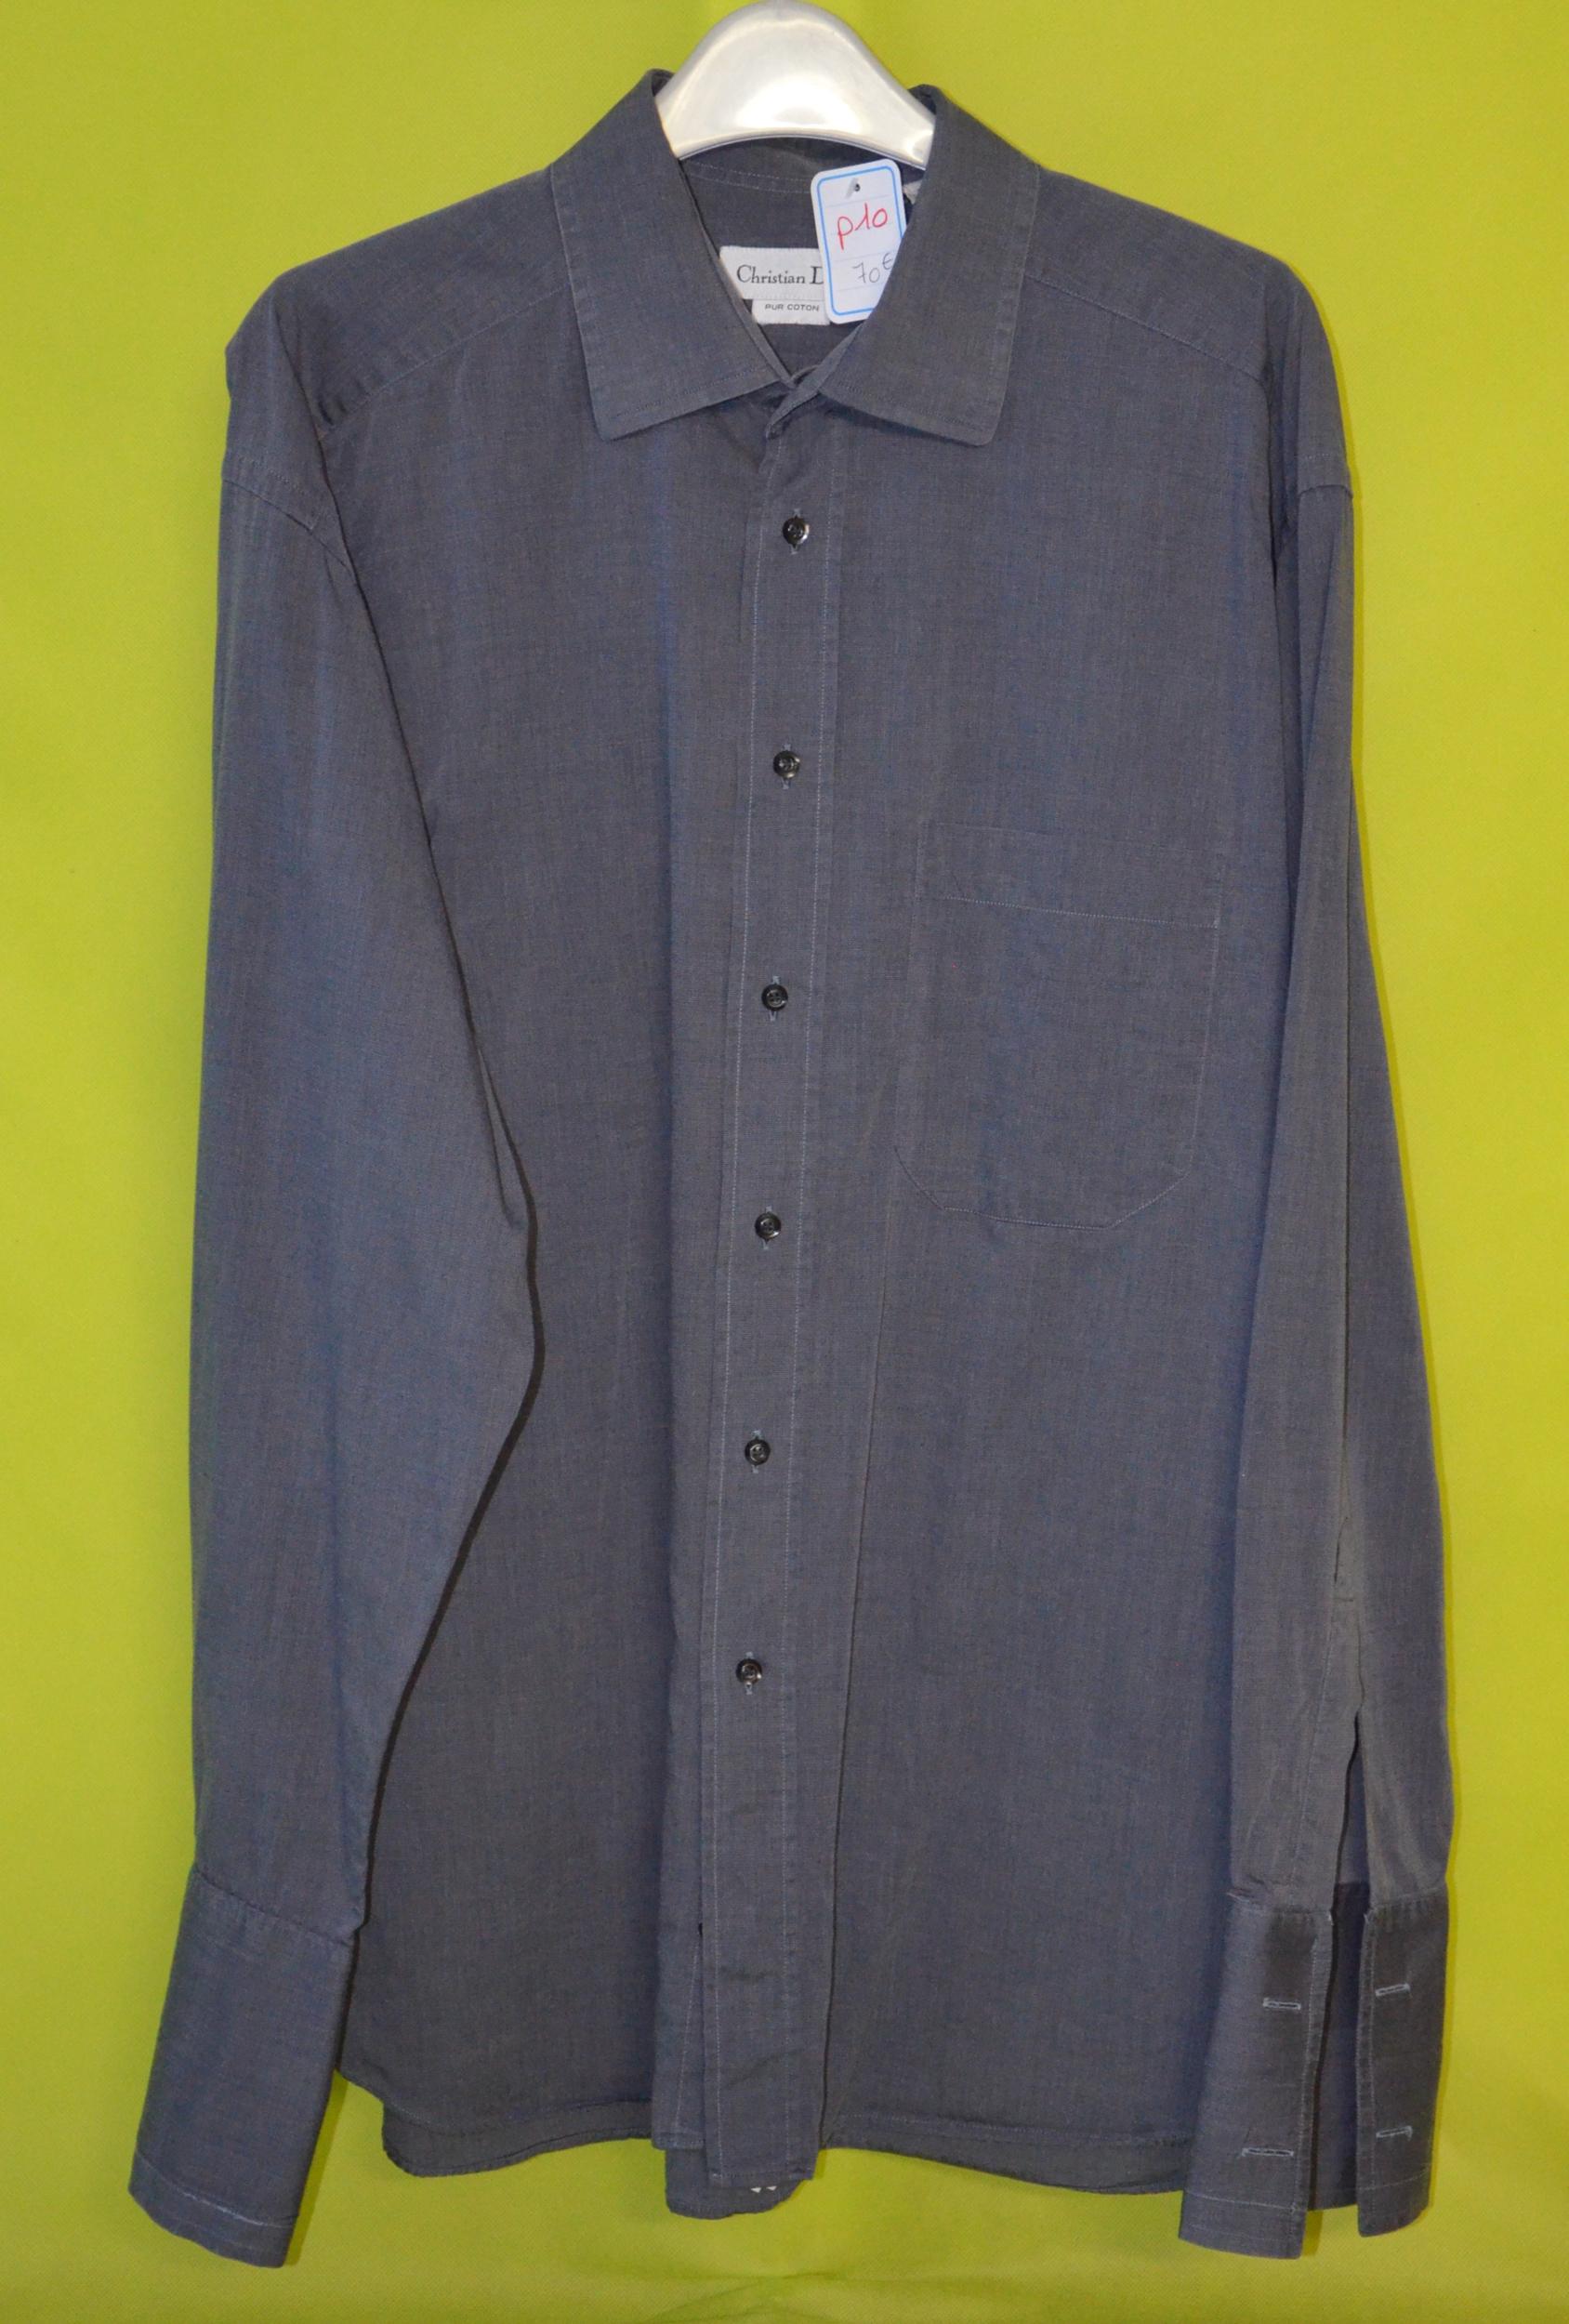 chemise homme christian dior 41-4 gris pur coton